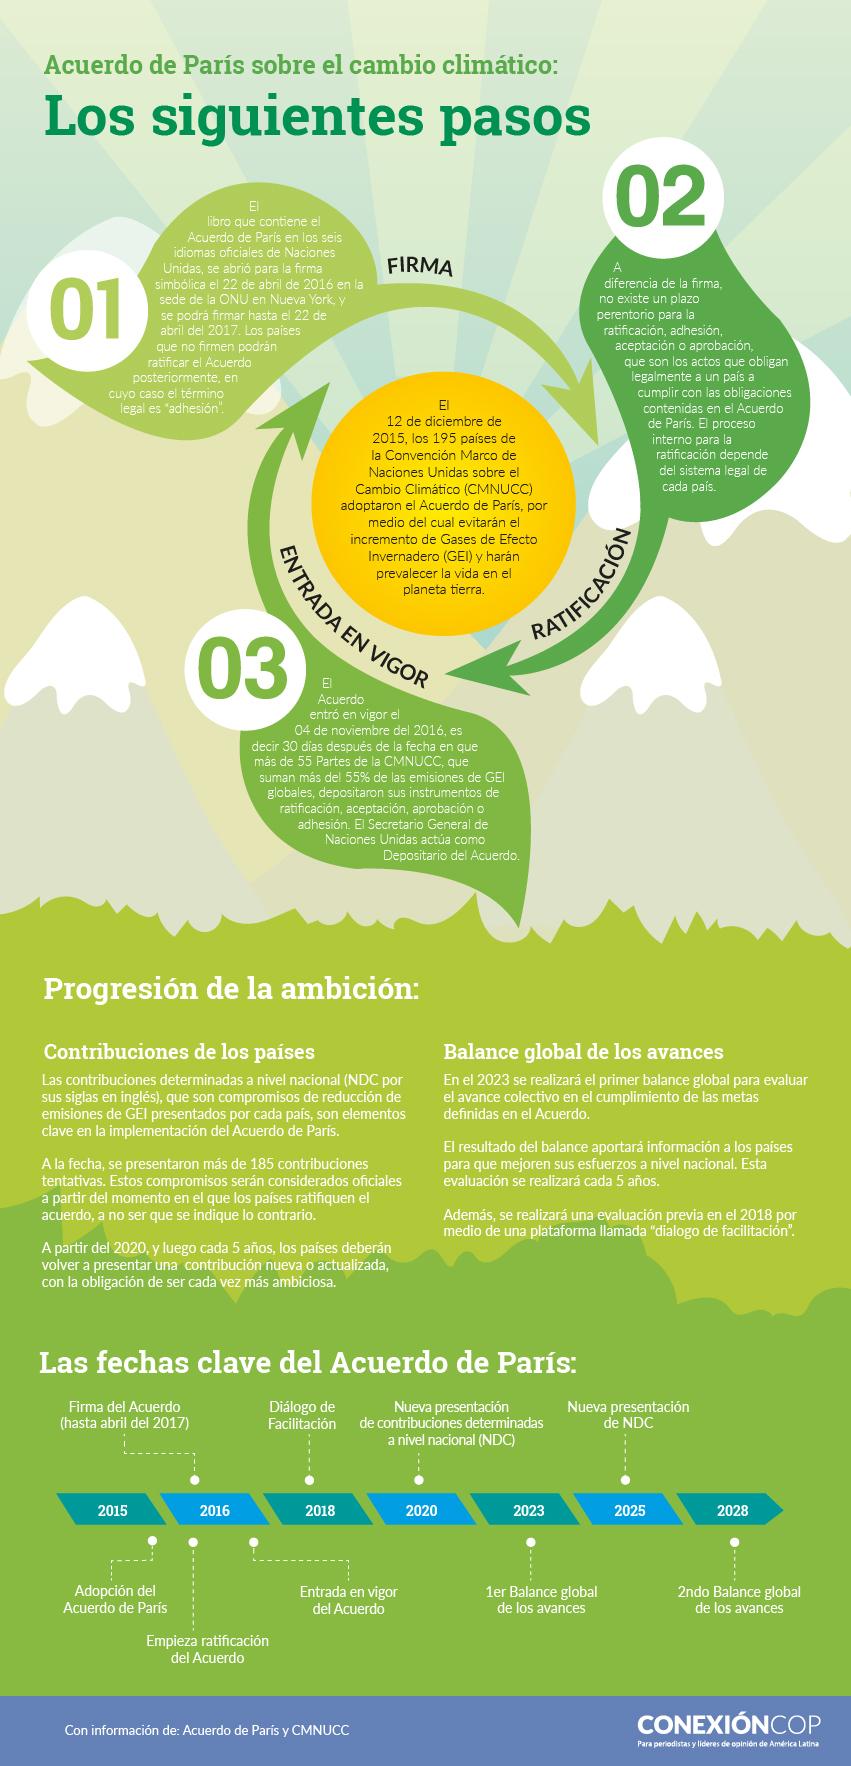 infografia_acuerdo_de_paris_cambio_climatico_pasos